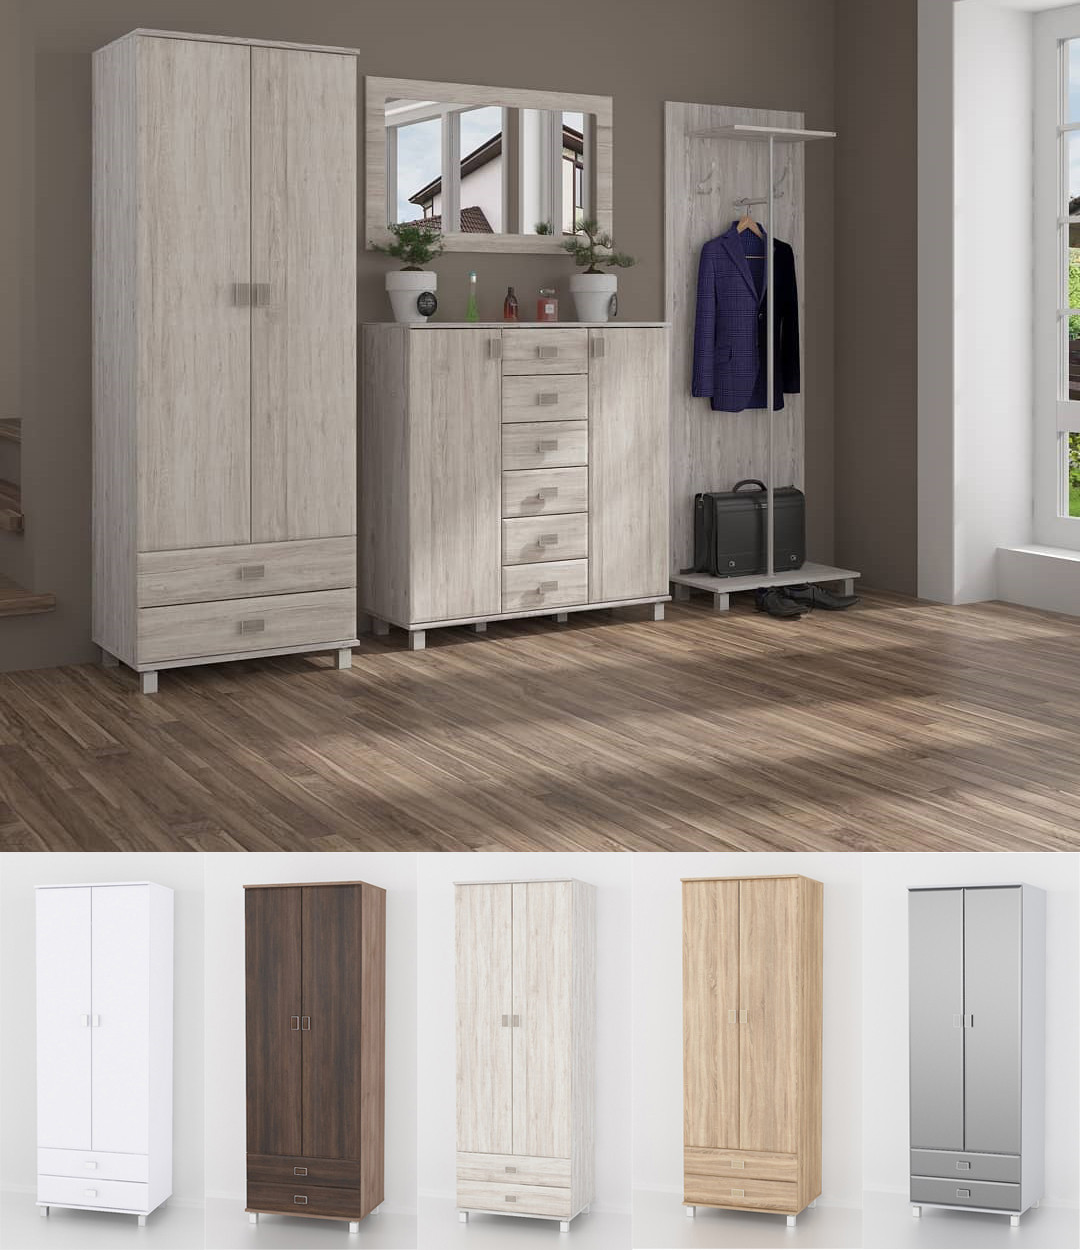 Шкаф для одежды, шкаф в гостинную, залу. Мебель из МДФ